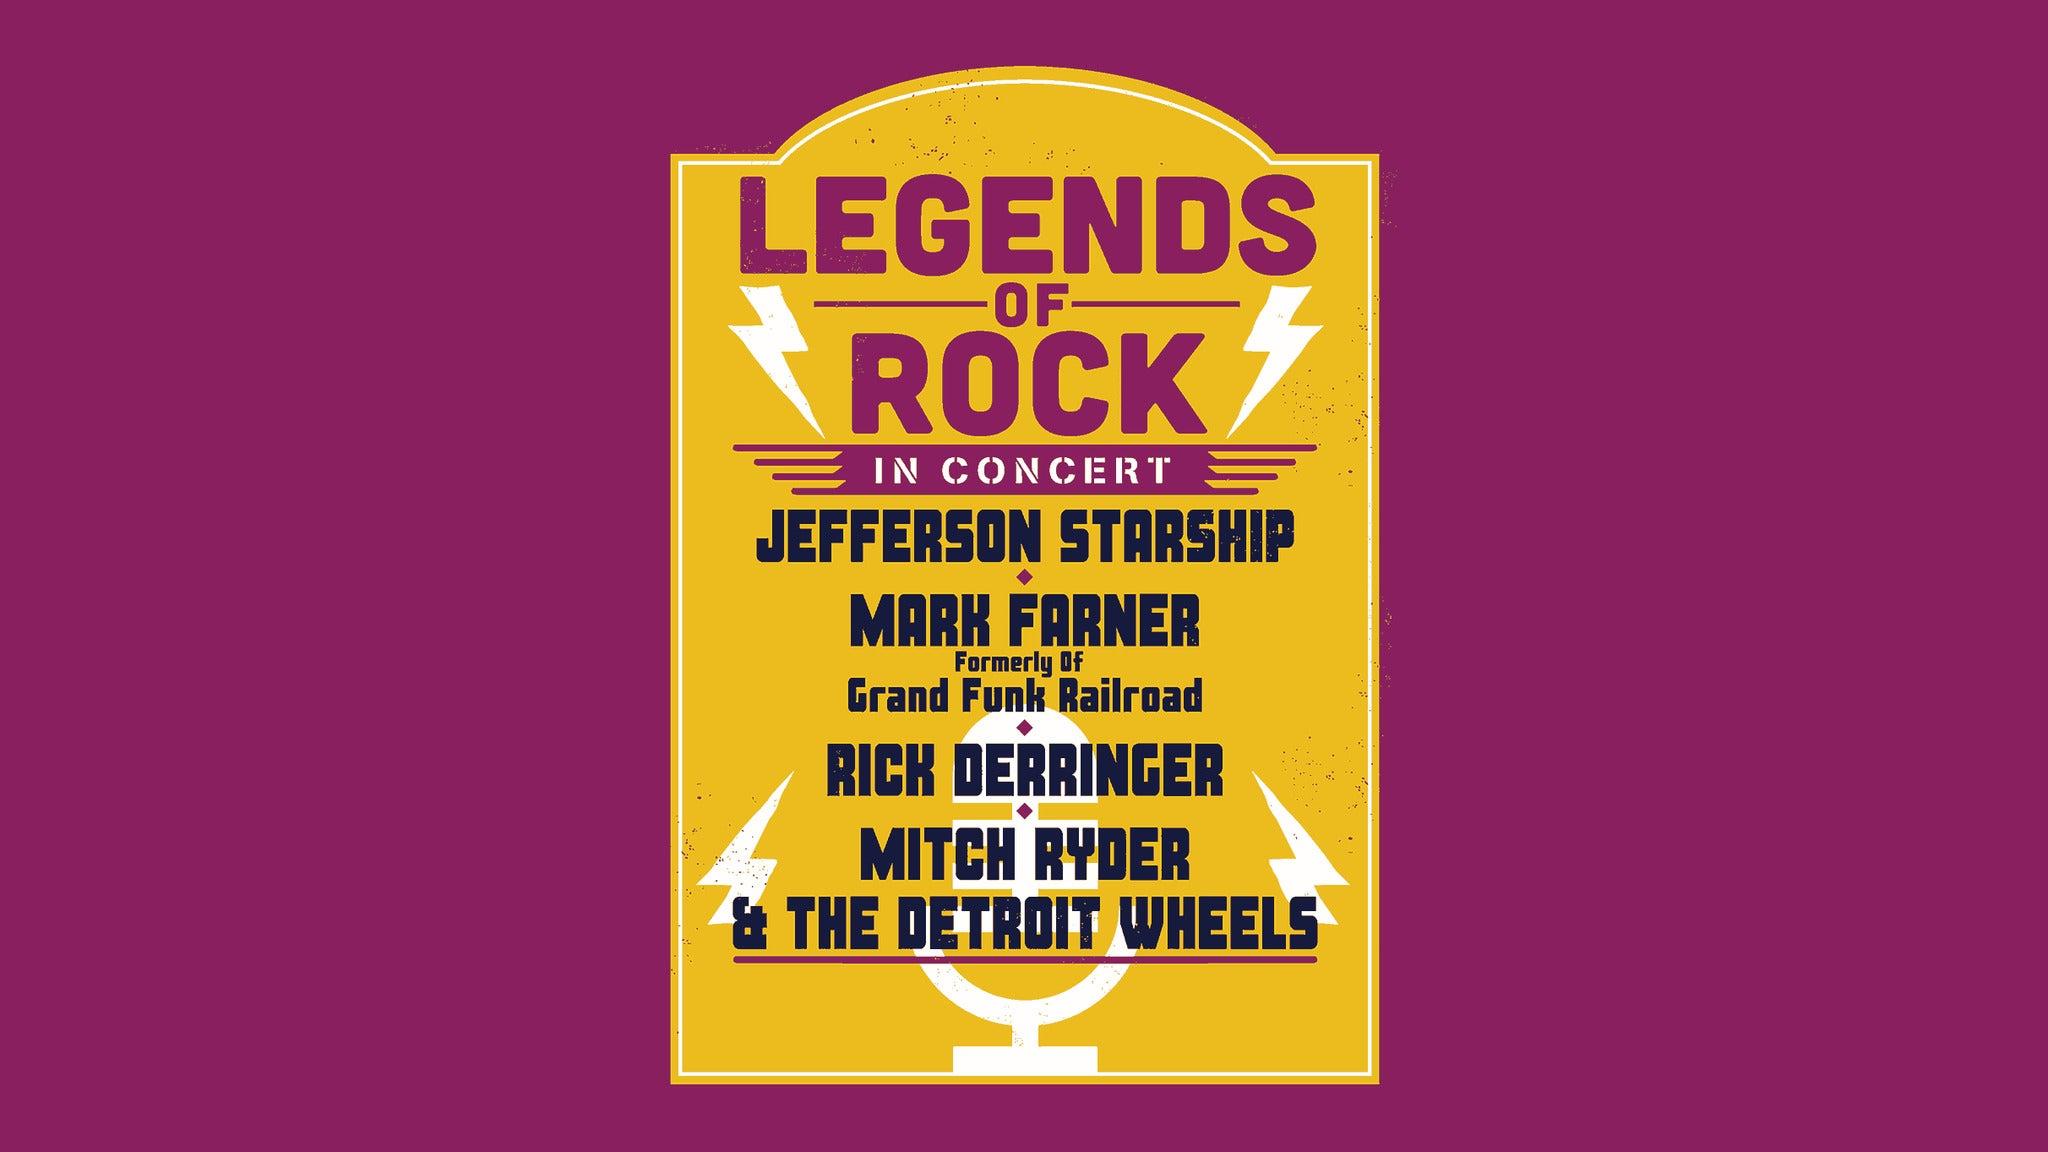 Legends of Rock at Effingham Performance Center